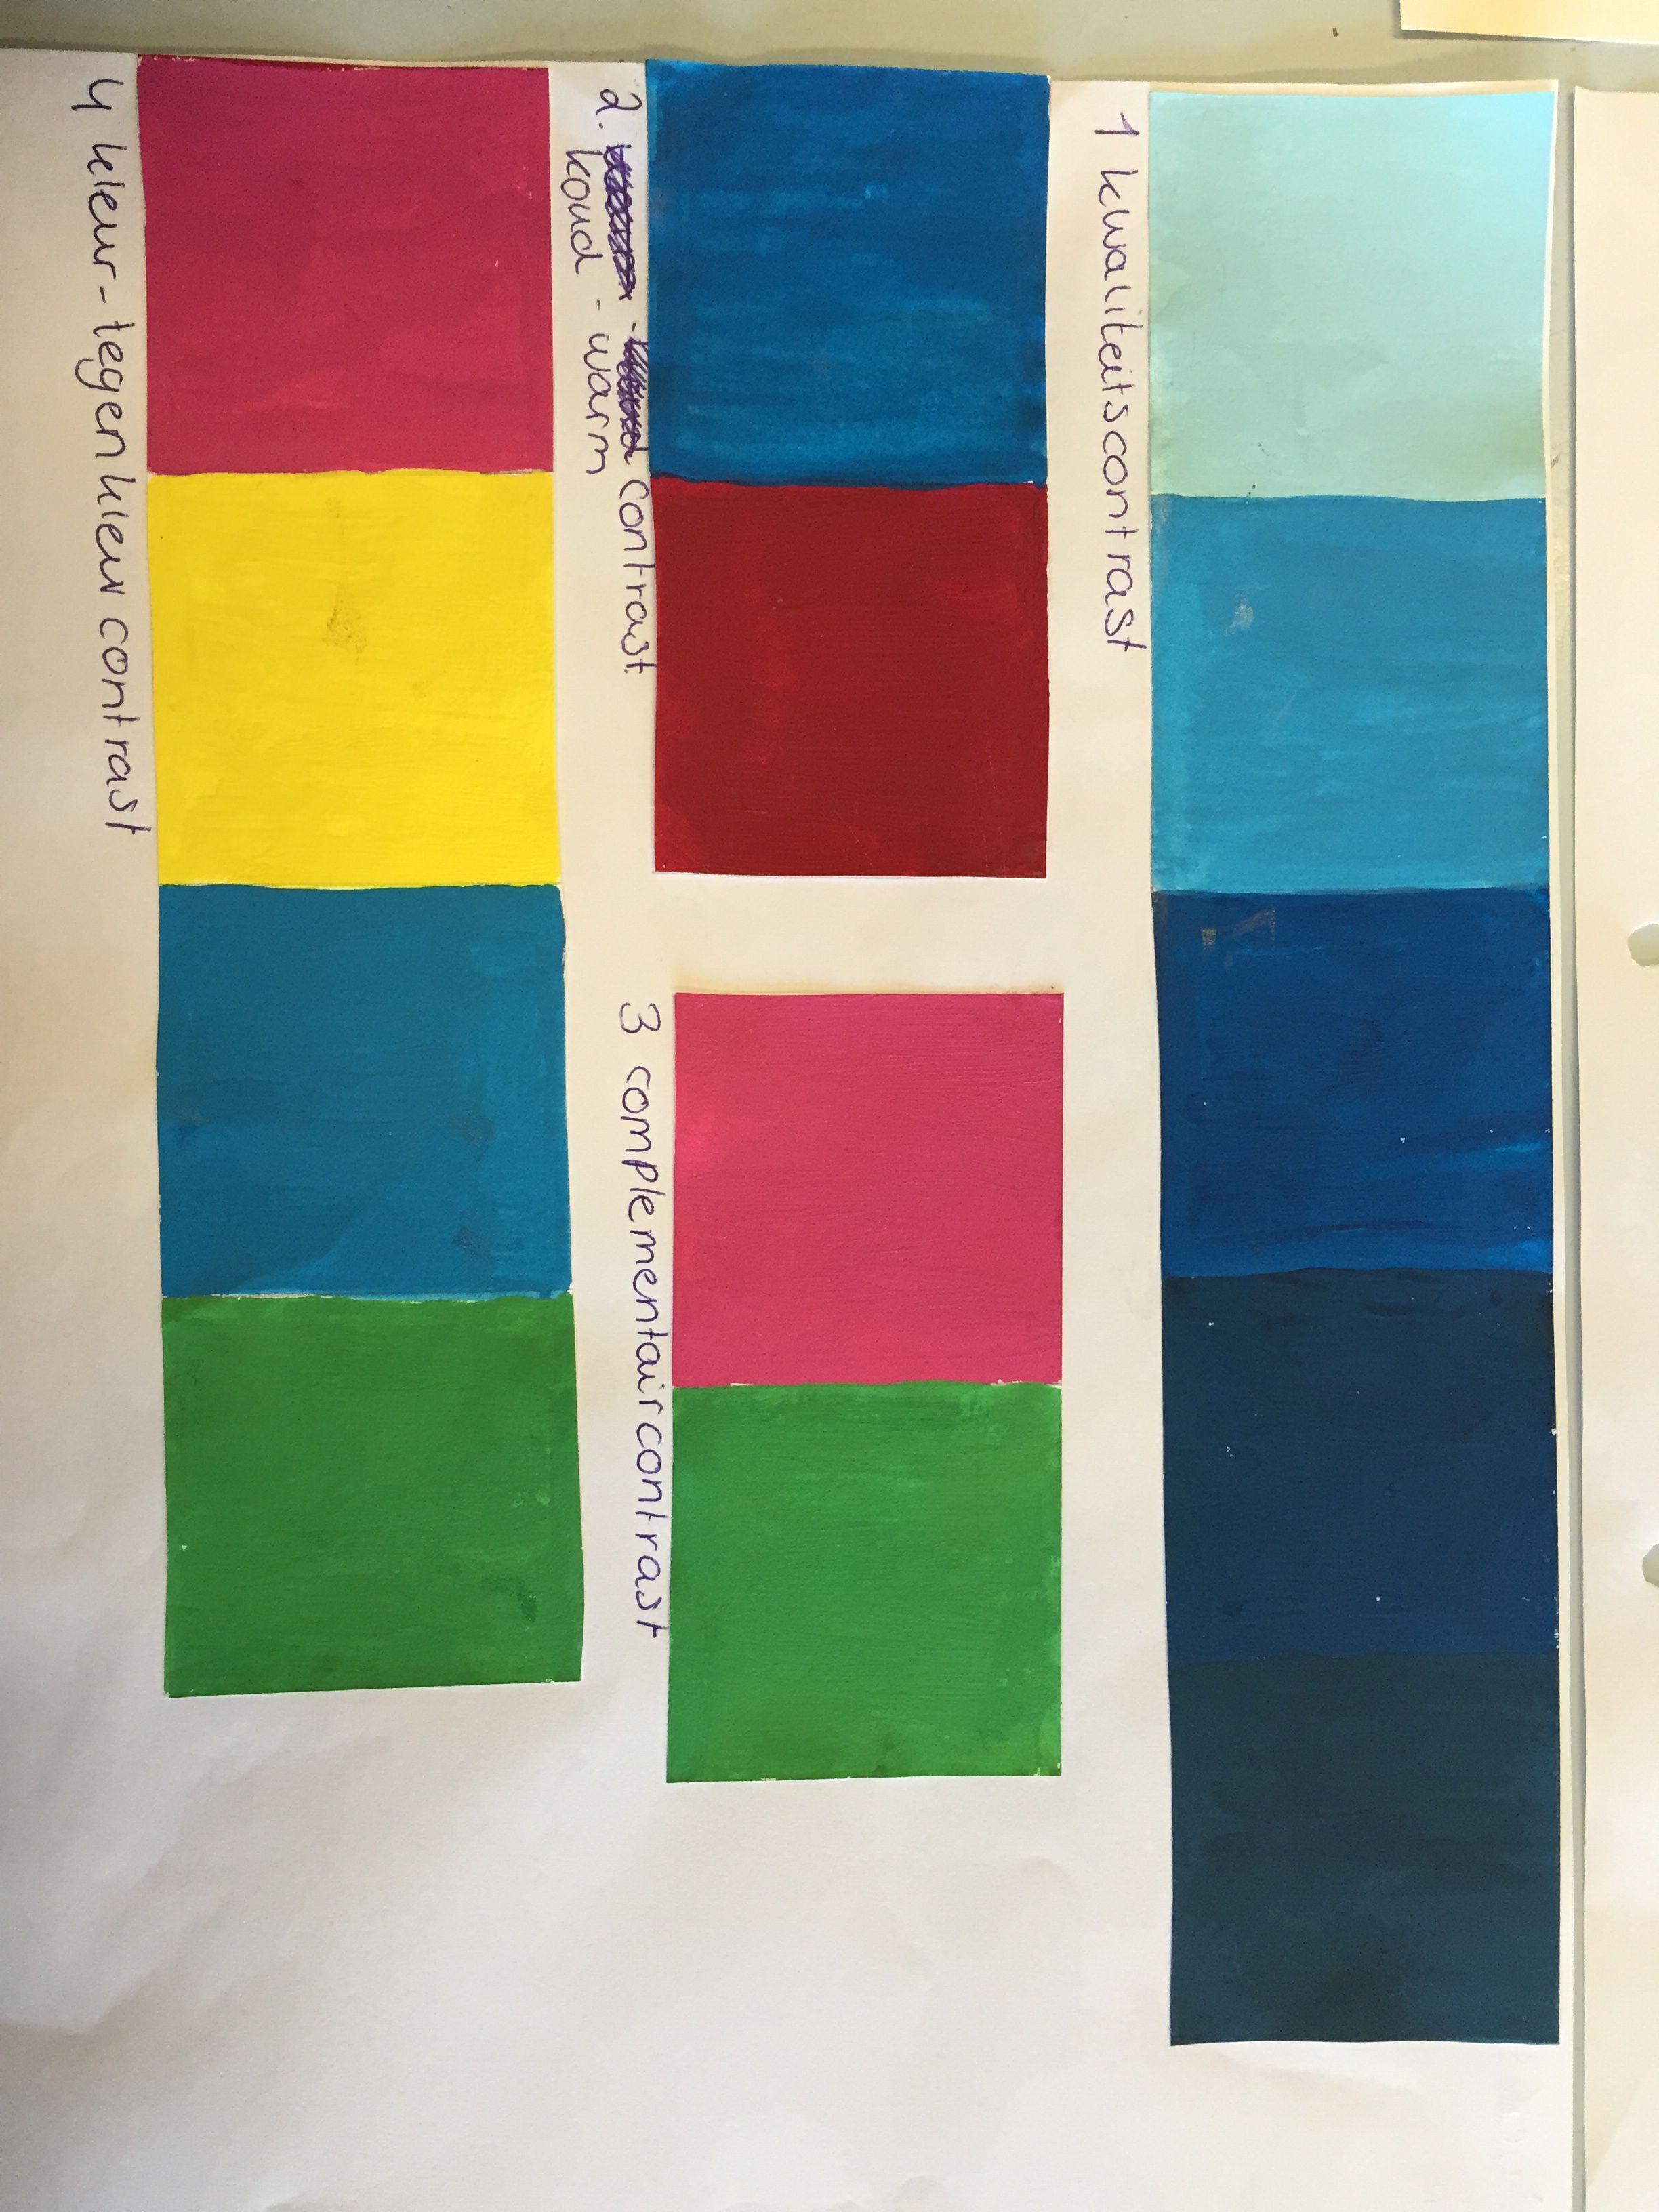 Kwaliteitscontrast koud warm contrast complementair for Interieur kleuren combineren